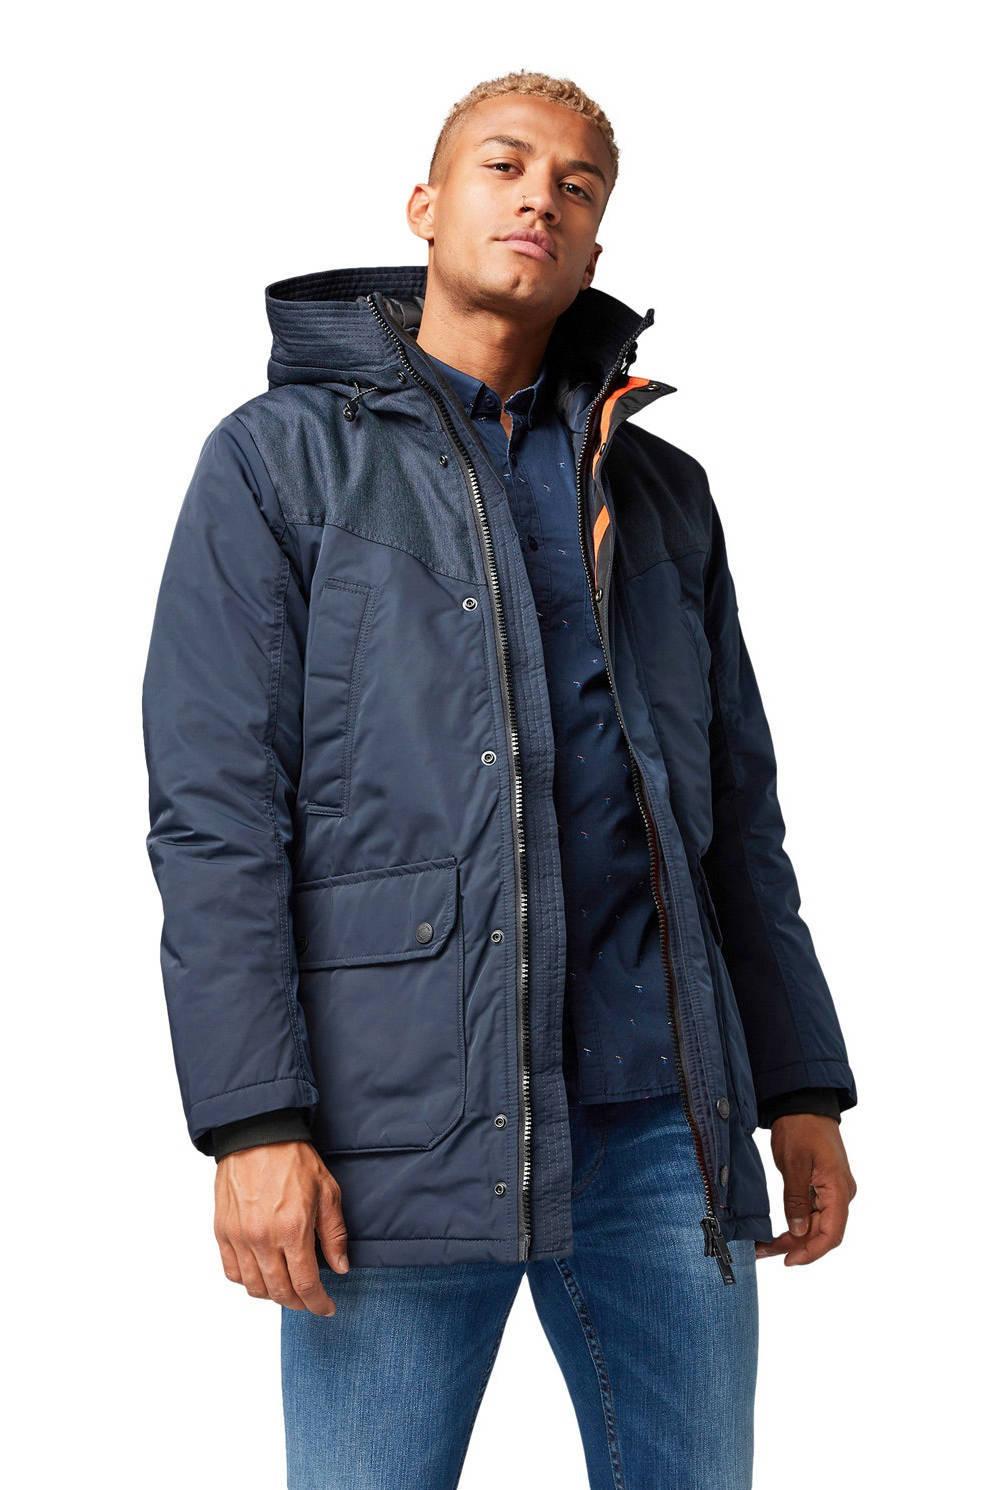 Tom Tailor jassen voor heren kopen Vind jouw Tom Tailor